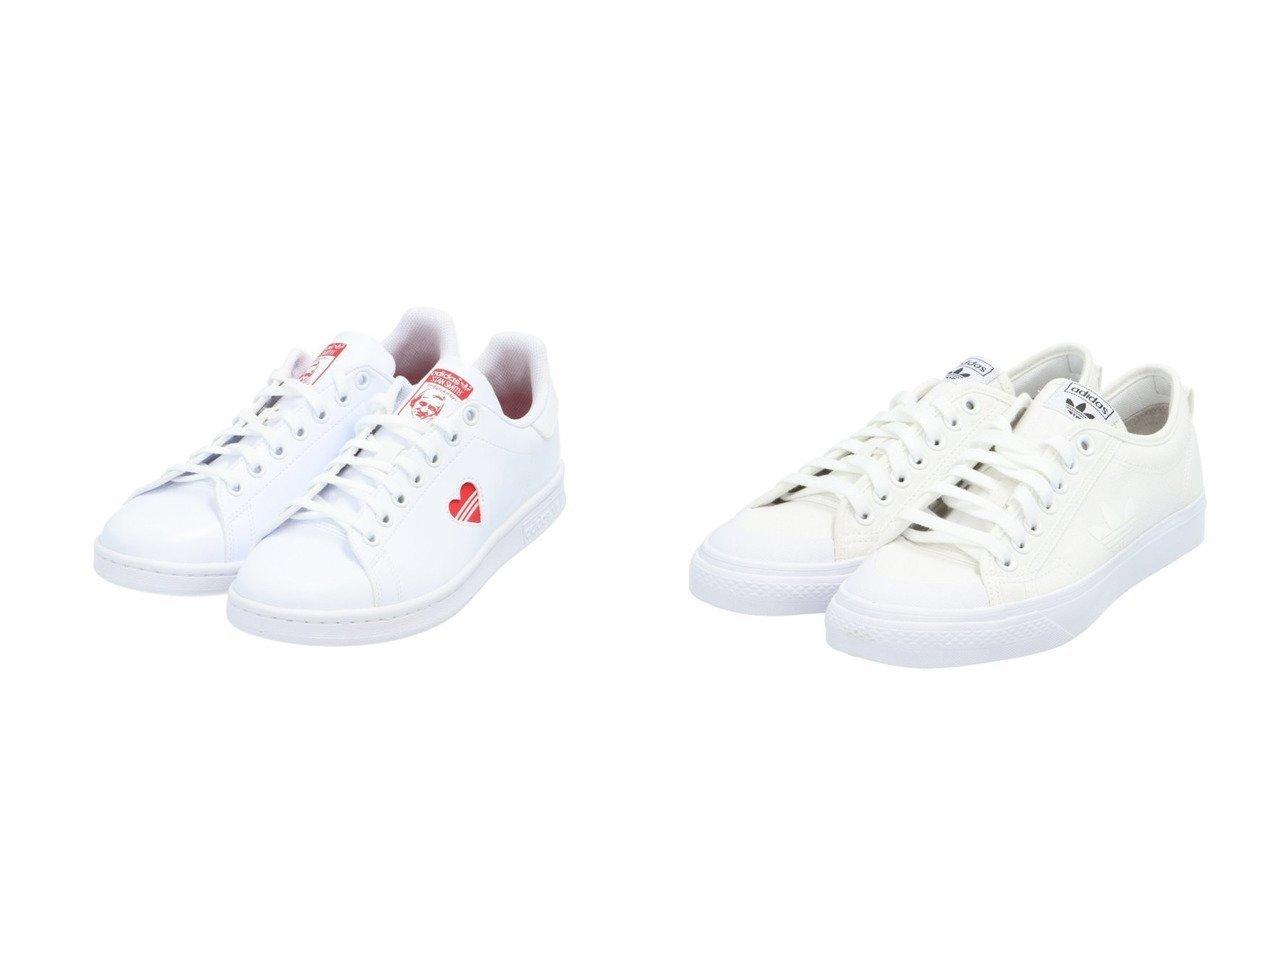 【adidas Originals/アディダス オリジナルス】のニッツァ トレフォイル NIZZA TREFOIL アディダスオリジナルス&スタンスミス STAN SMITH アディダスオリジナルス FY4481 【シューズ・靴】おすすめ!人気、トレンド・レディースファッションの通販   おすすめで人気の流行・トレンド、ファッションの通販商品 メンズファッション・キッズファッション・インテリア・家具・レディースファッション・服の通販 founy(ファニー) https://founy.com/ ファッション Fashion レディースファッション WOMEN キャンバス クラシック シューズ ストライプ スニーカー スポーツ スリッポン ミックス A/W・秋冬 AW・Autumn/Winter・FW・Fall-Winter ビンテージ ライニング  ID:crp329100000026890